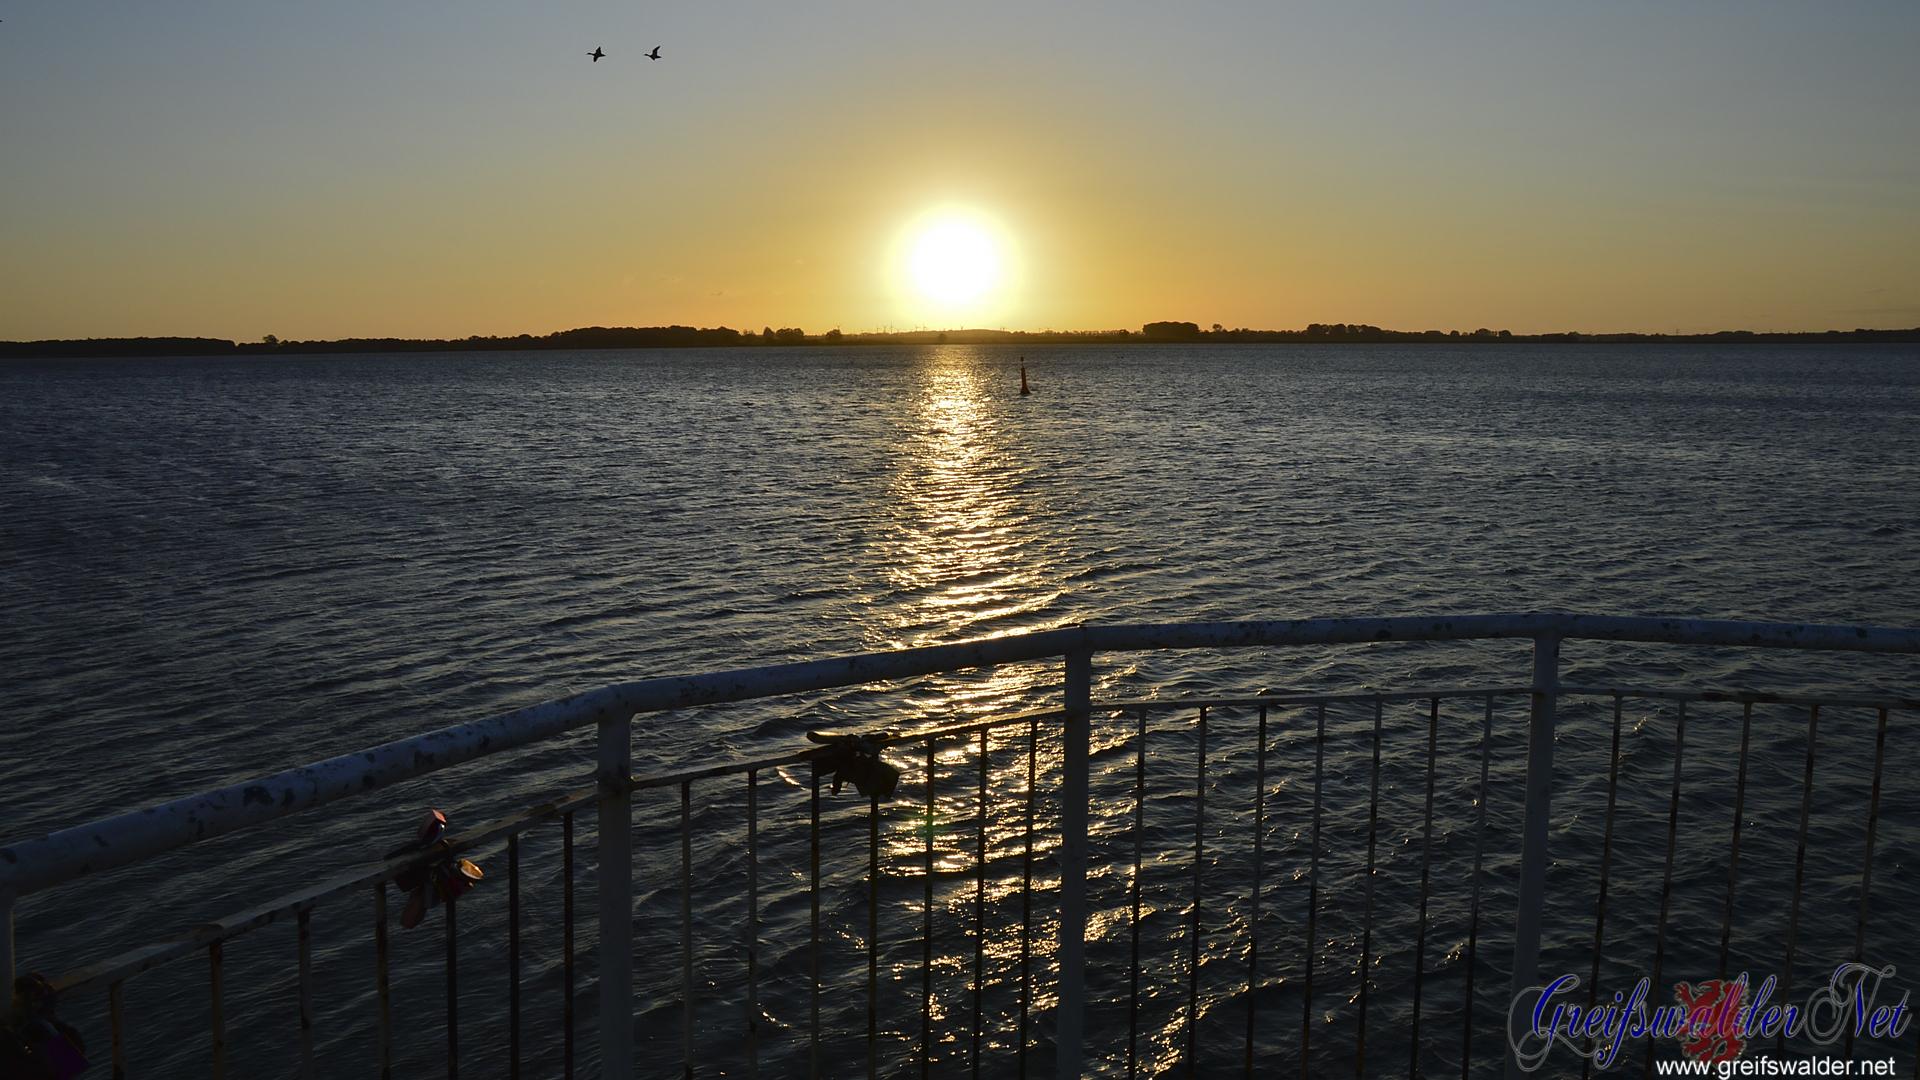 Sonnenaufgang in Greifswald-Wieck